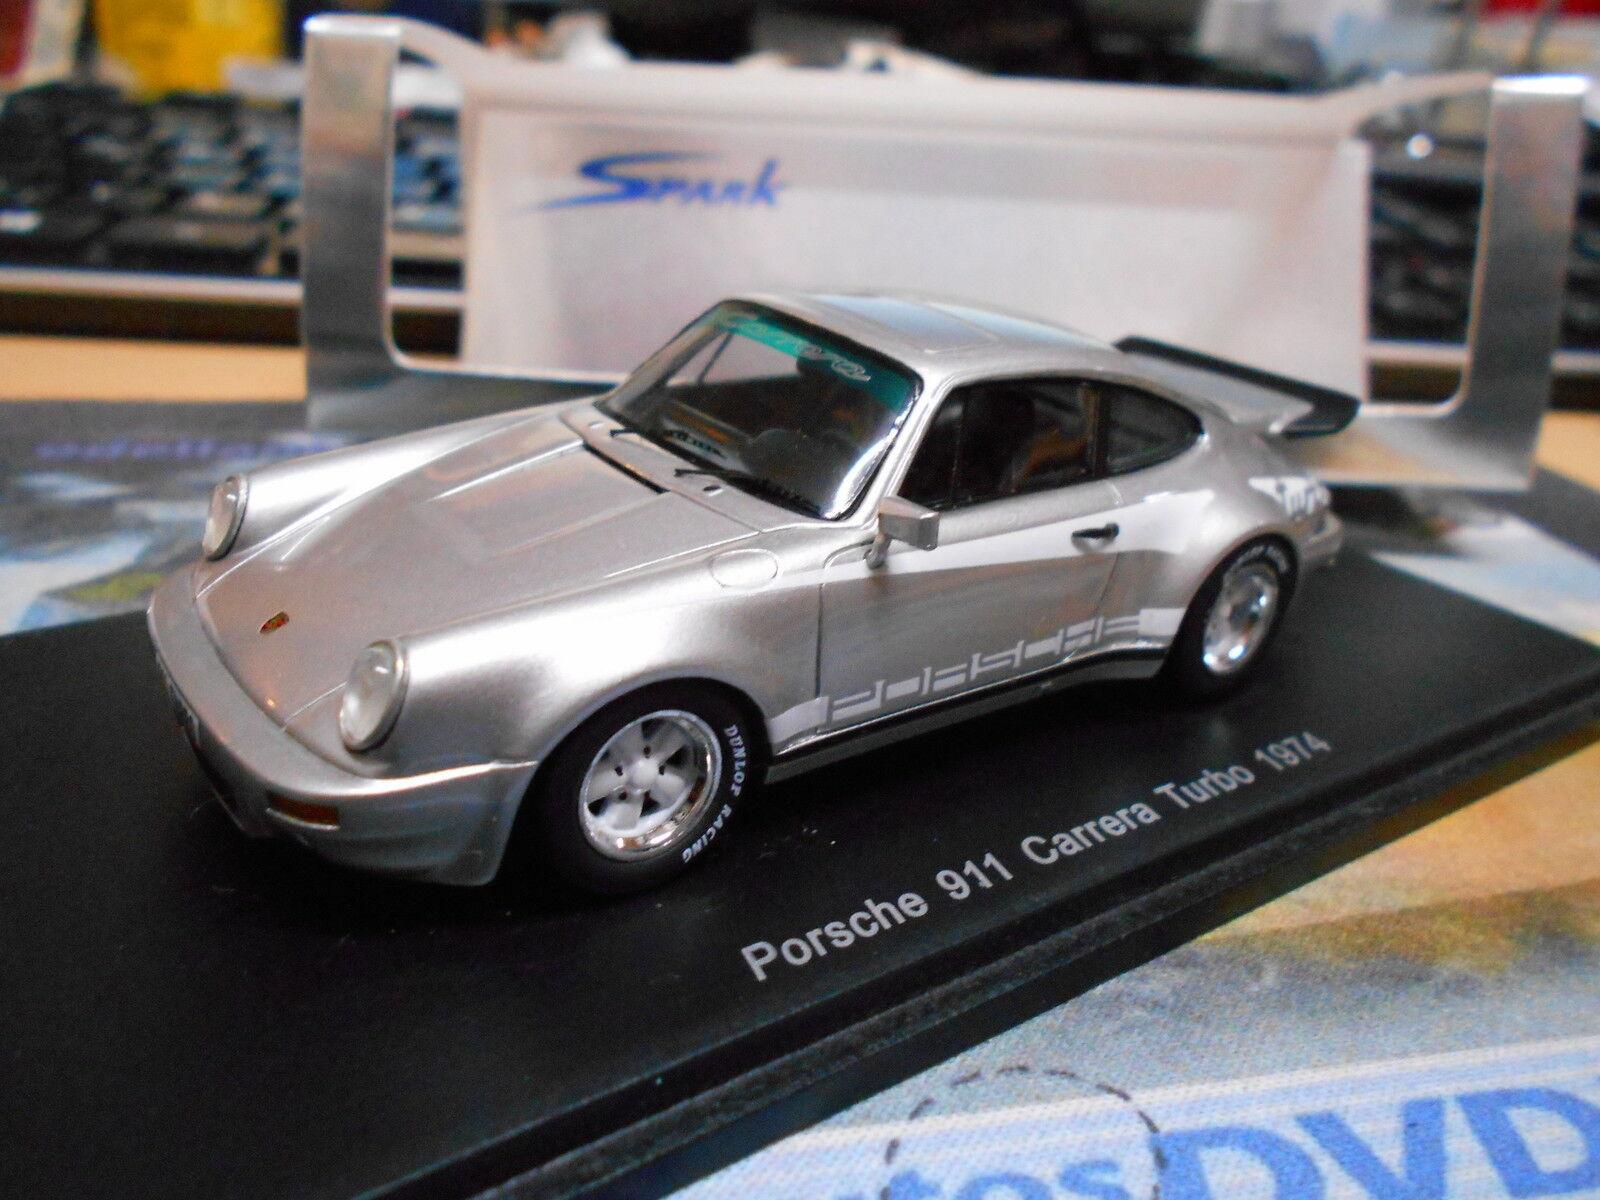 Porsche 911 voiturerera turbo  argent 1974 1. turbo  rar spark resin 1 43  chaud